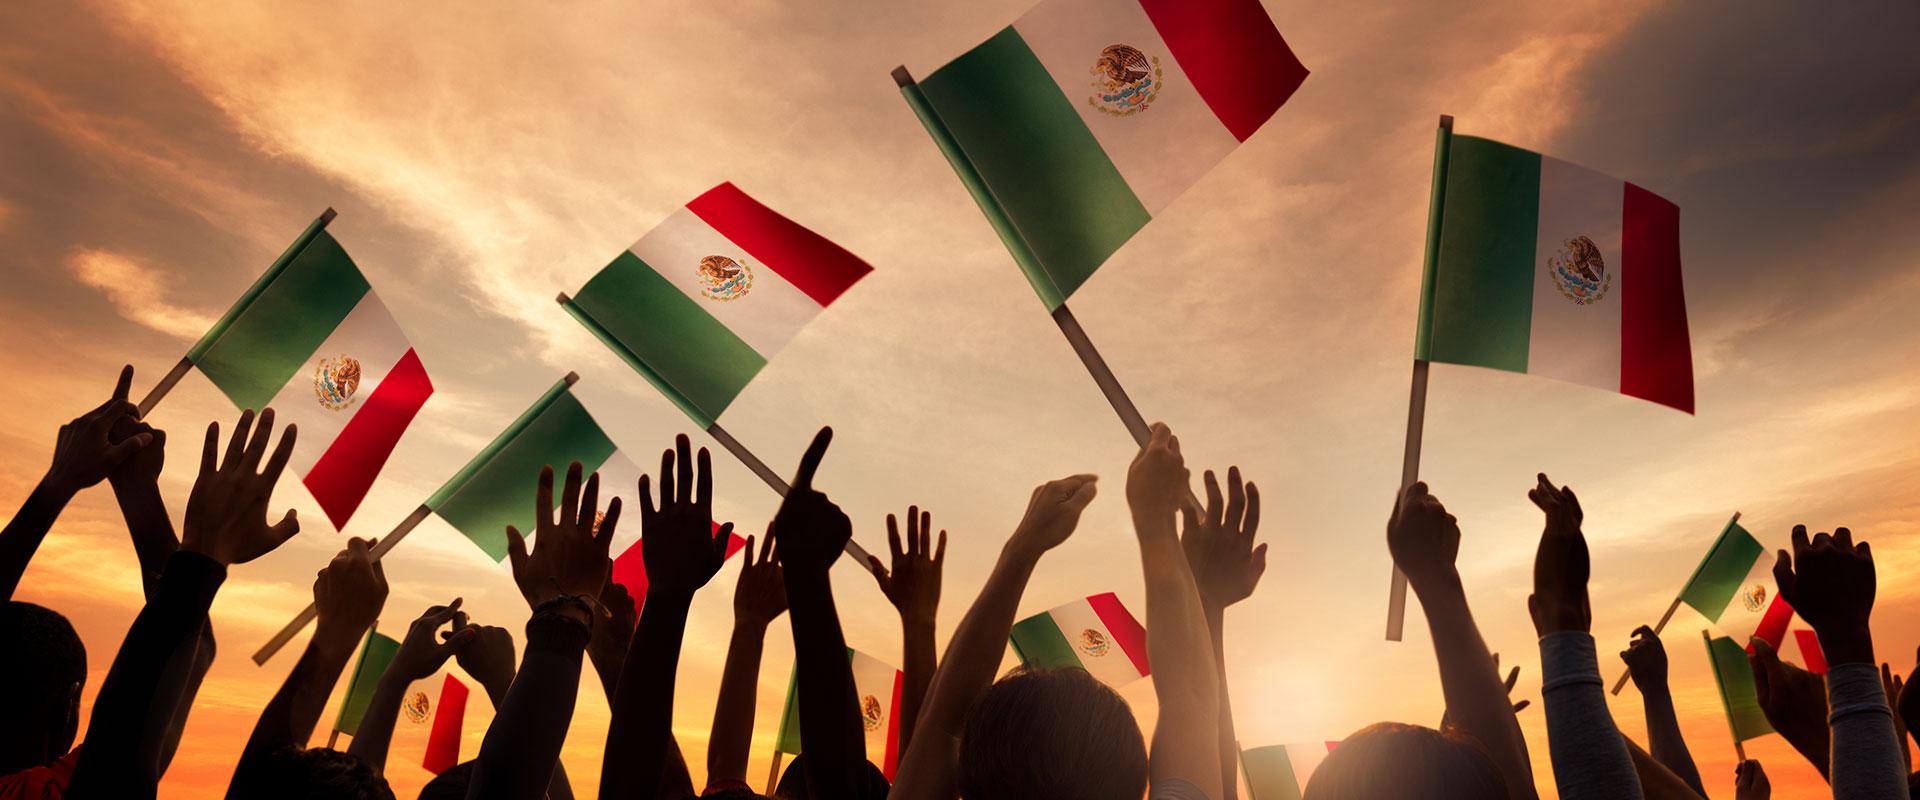 Imagen de mexicanos festejando el Día de la Independencia.